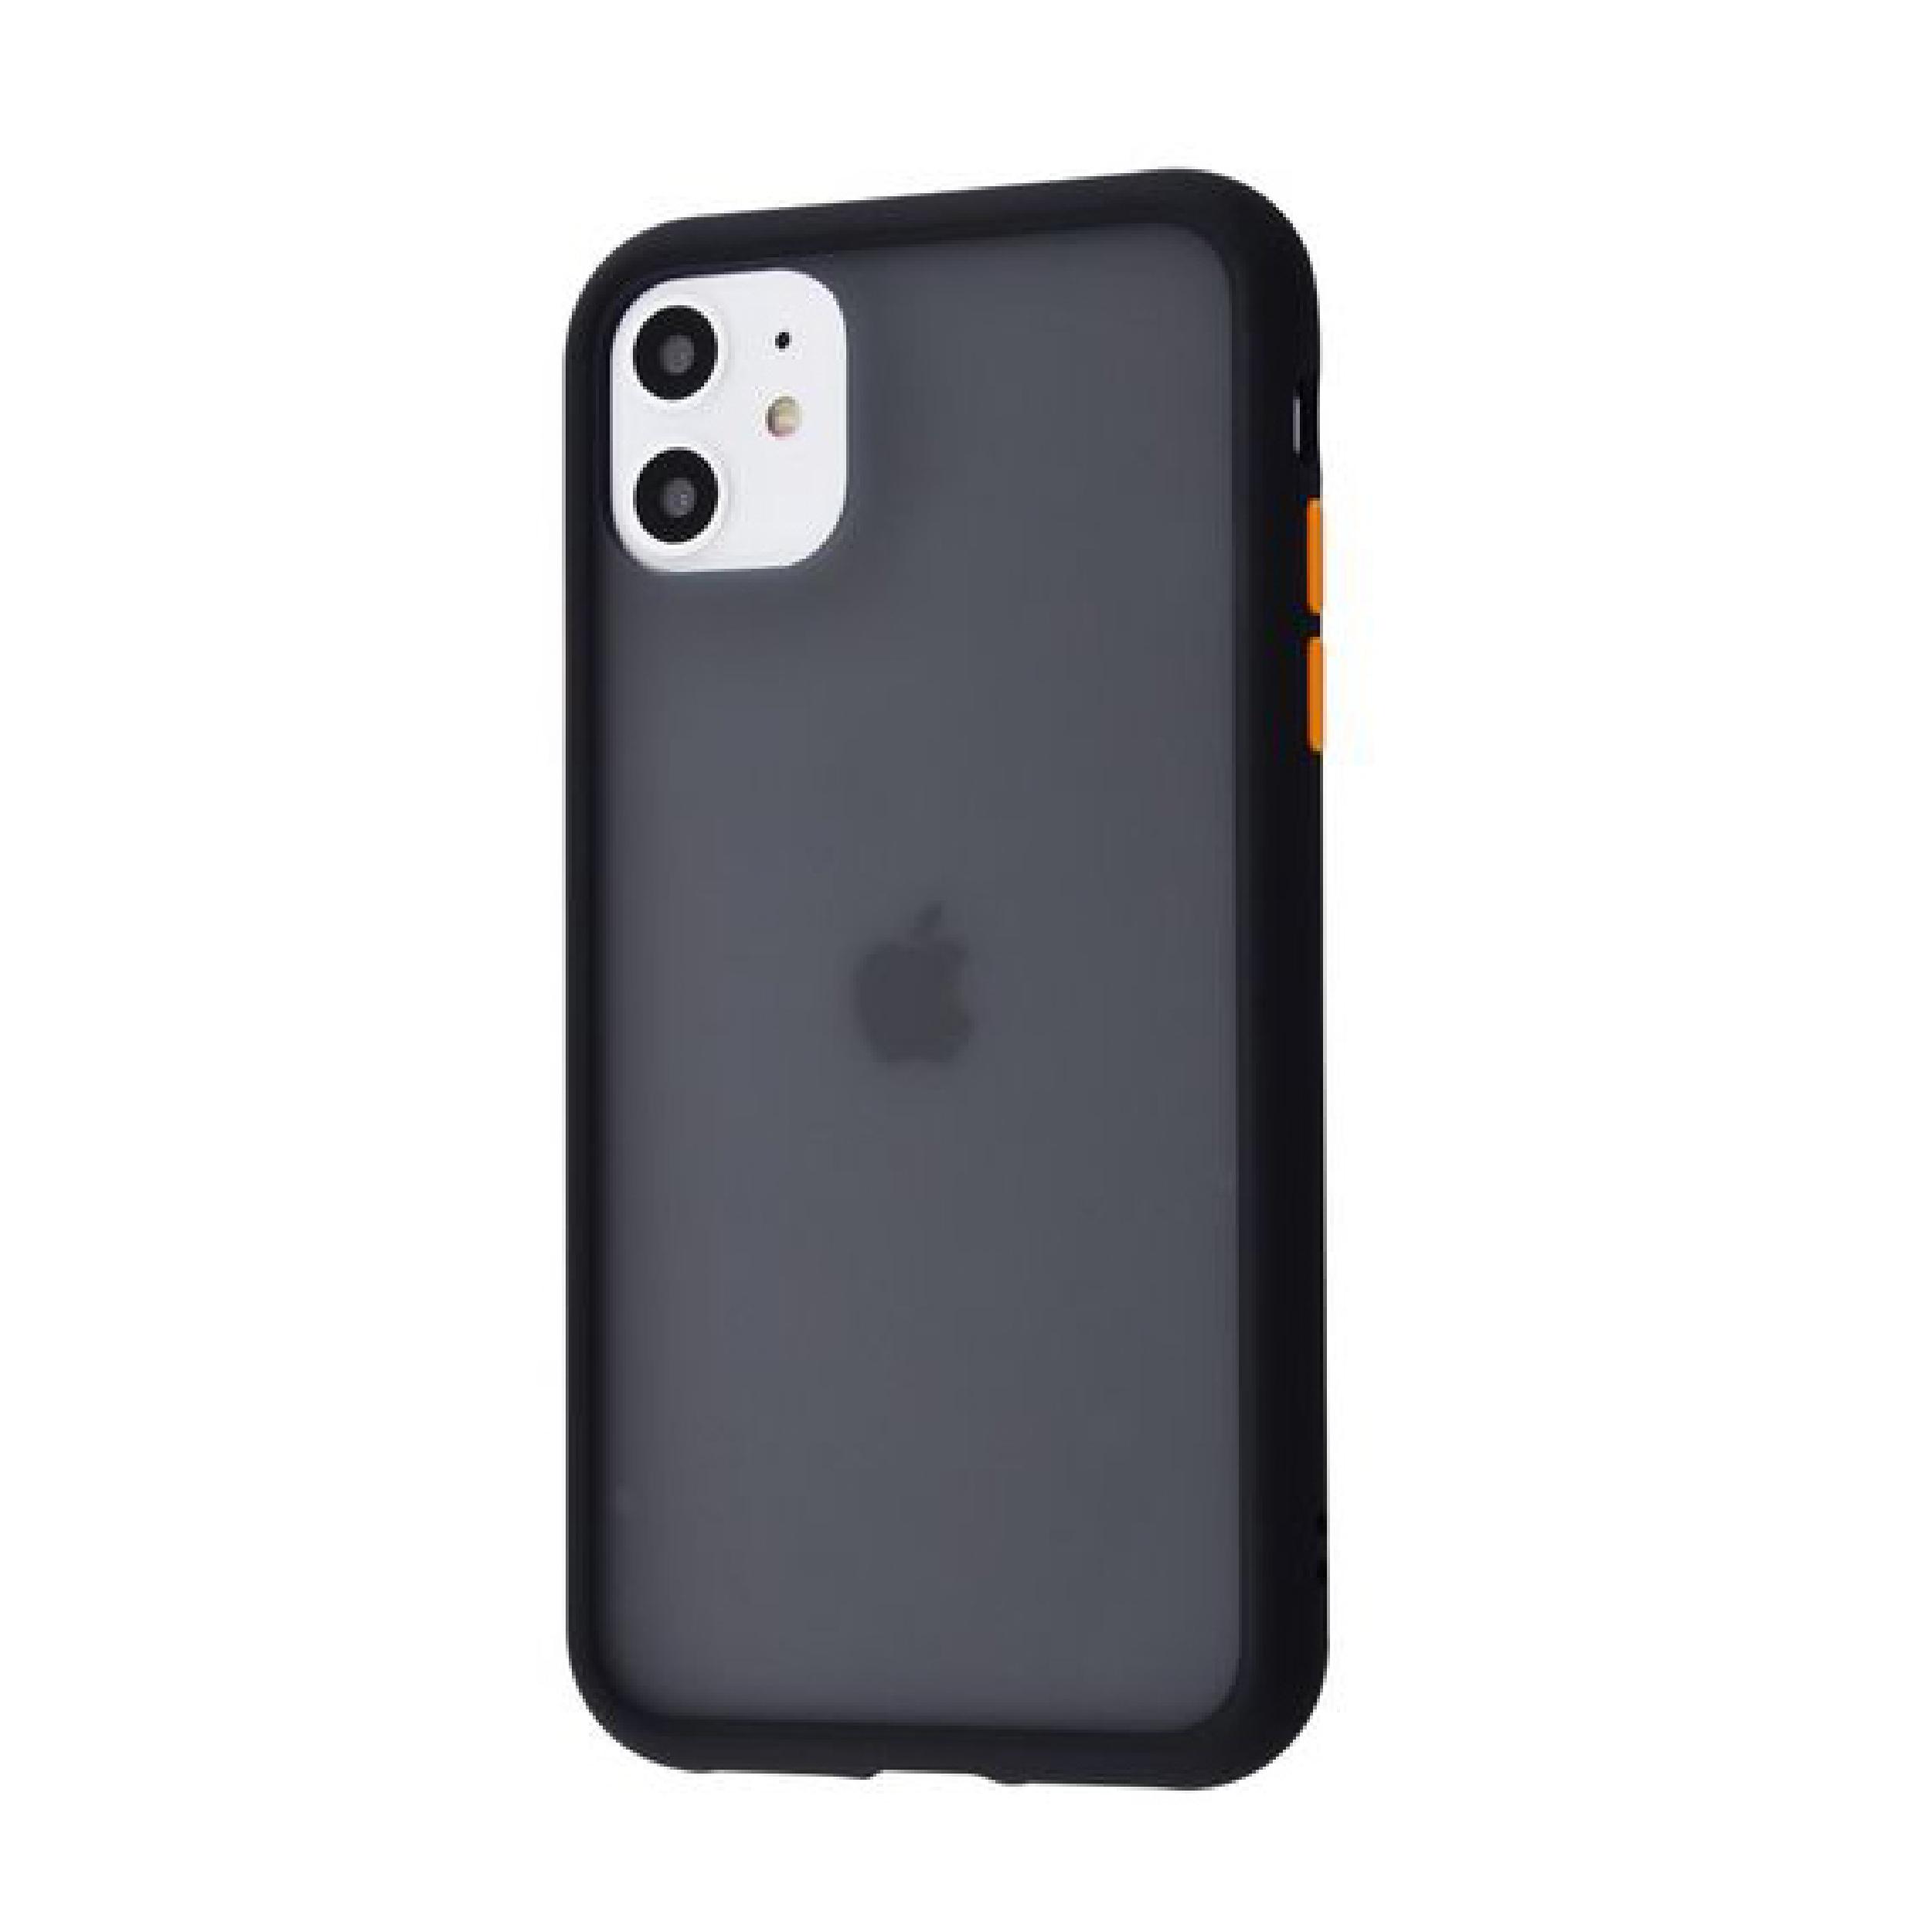 کاور توتو مدل GINGLE-025 مناسب برای گوشی موبایل اپل iPhone XR